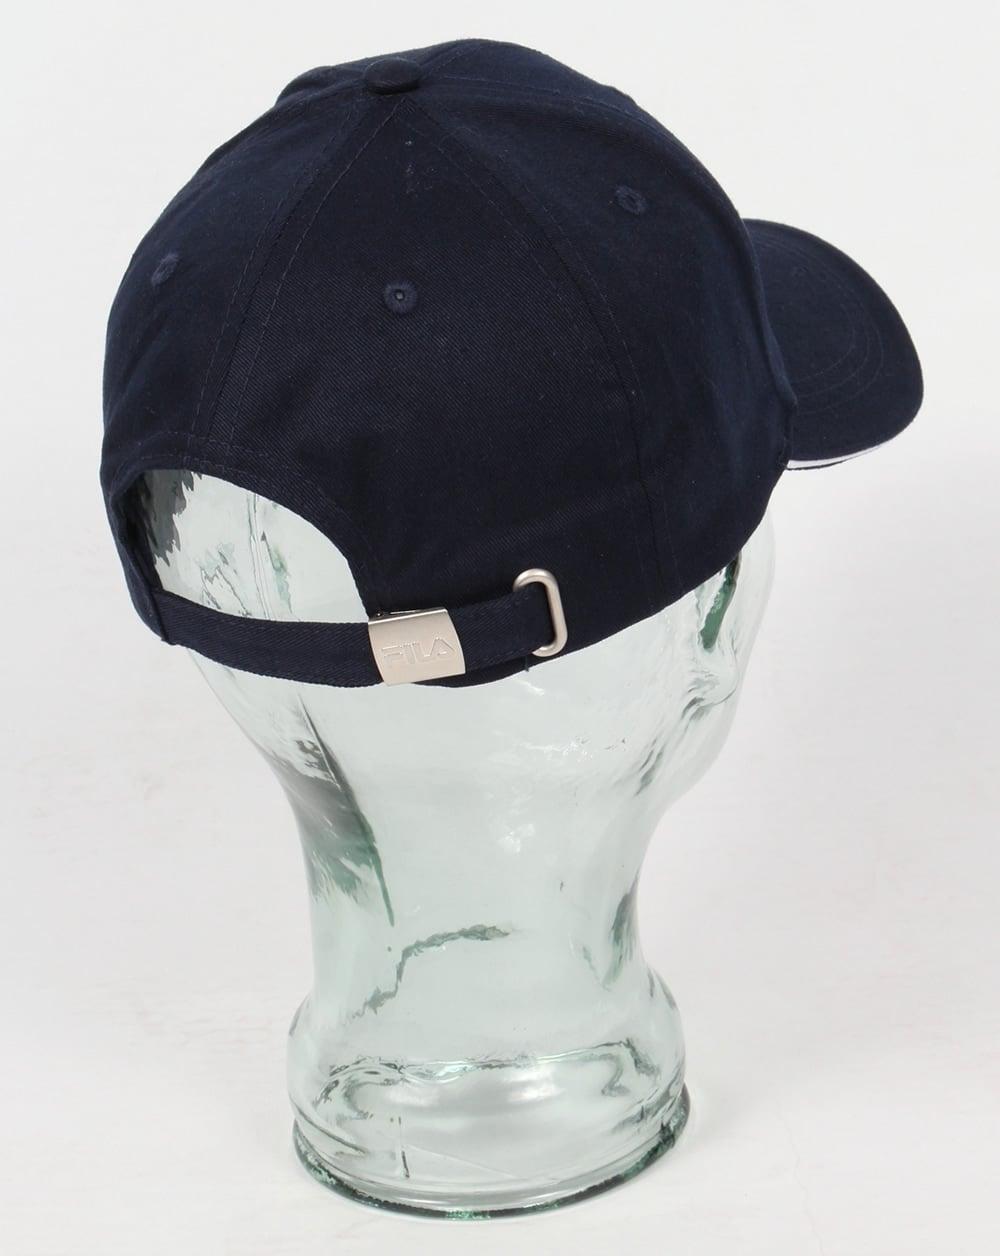 Fila Vintage Deverell Baseball Cap Navy 7a9ba9dc2f1